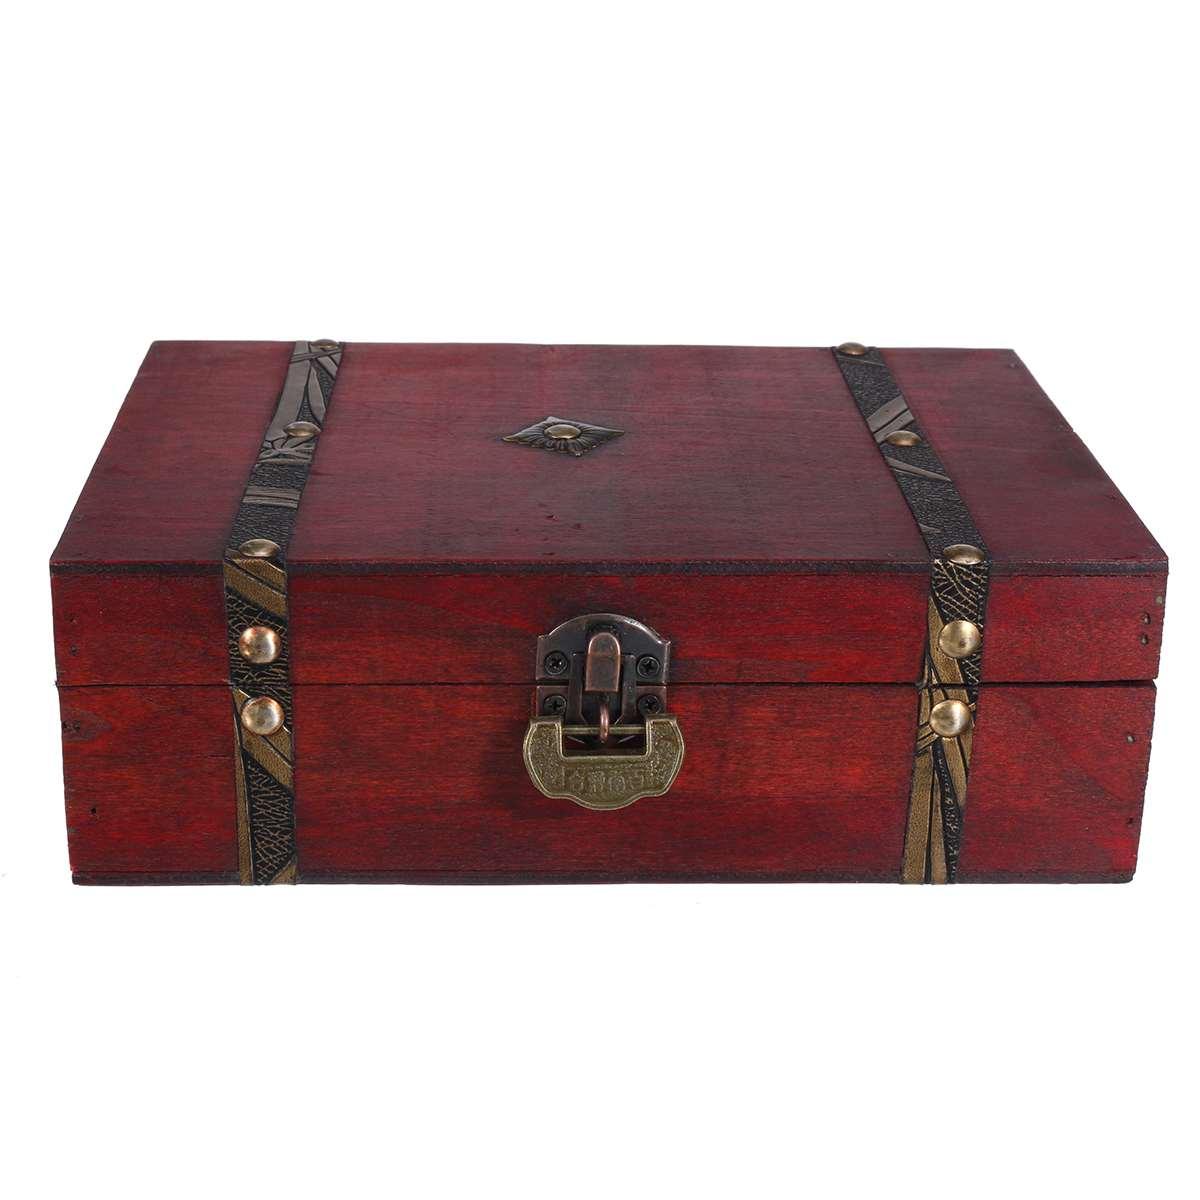 Винтажный деревянный ящик для хранения с сокровищами, с миниатюрным металлическим замком, органайзер для украшений и колец, складная дерев...